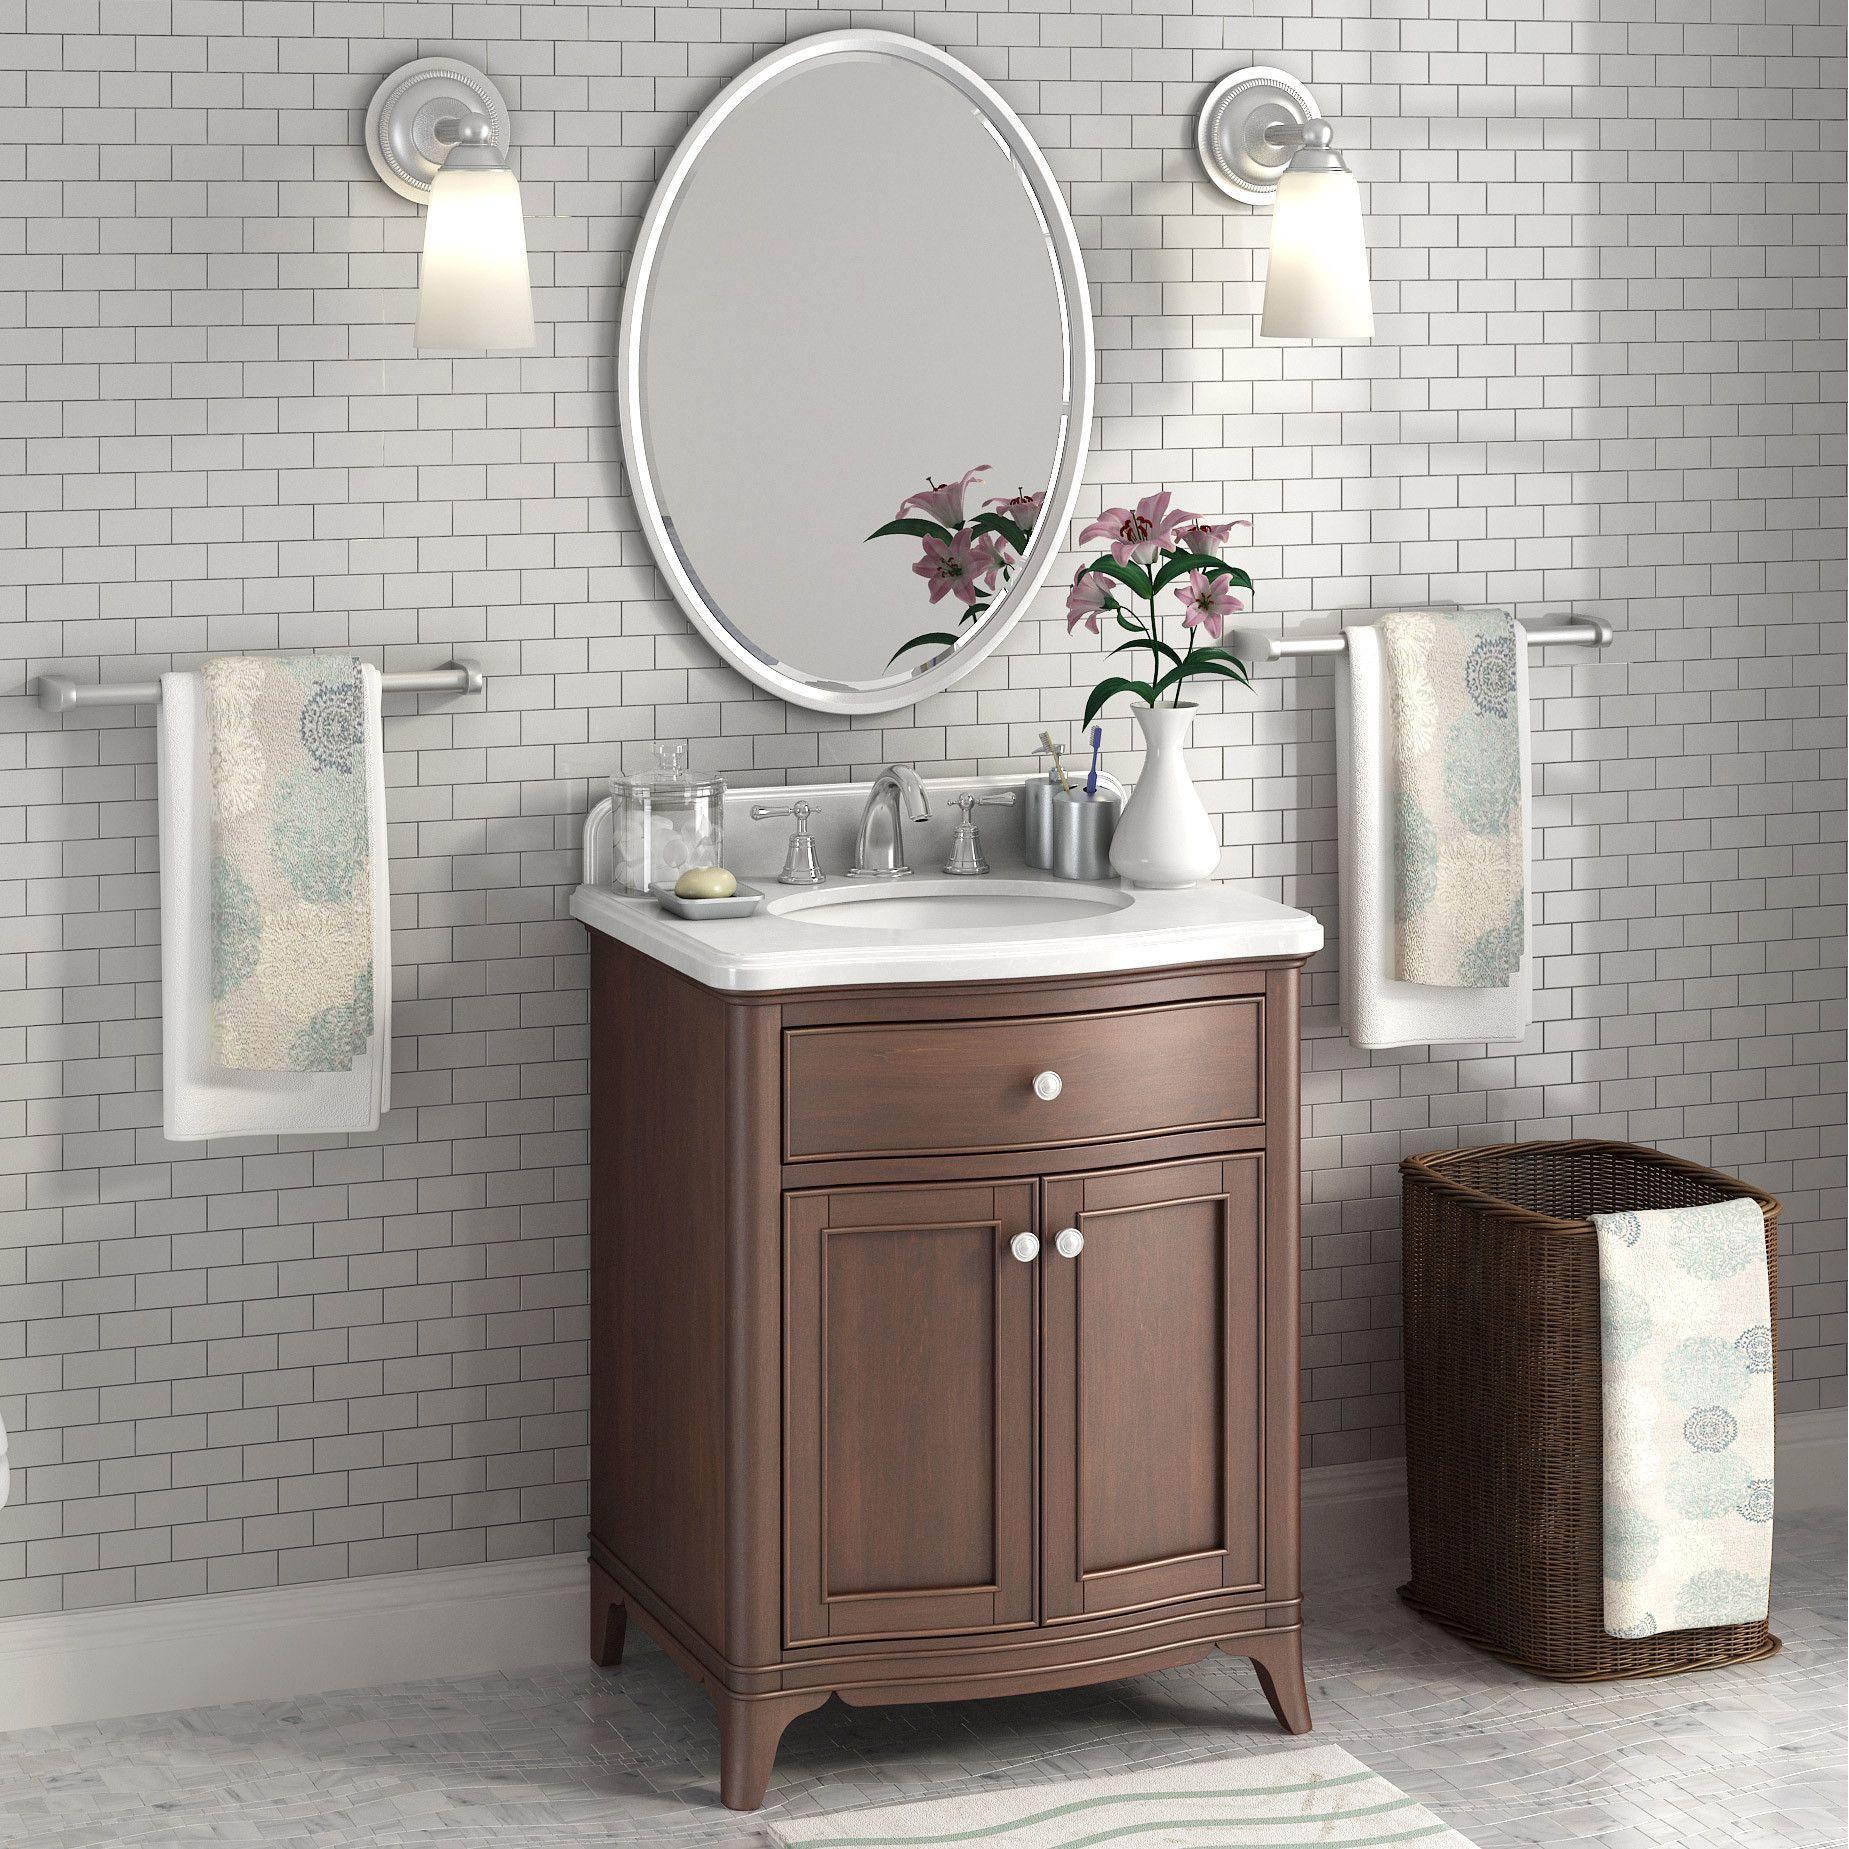 Florence 28 Single Sink Marble Top Vanity By Lanza Marble Vanity Tops